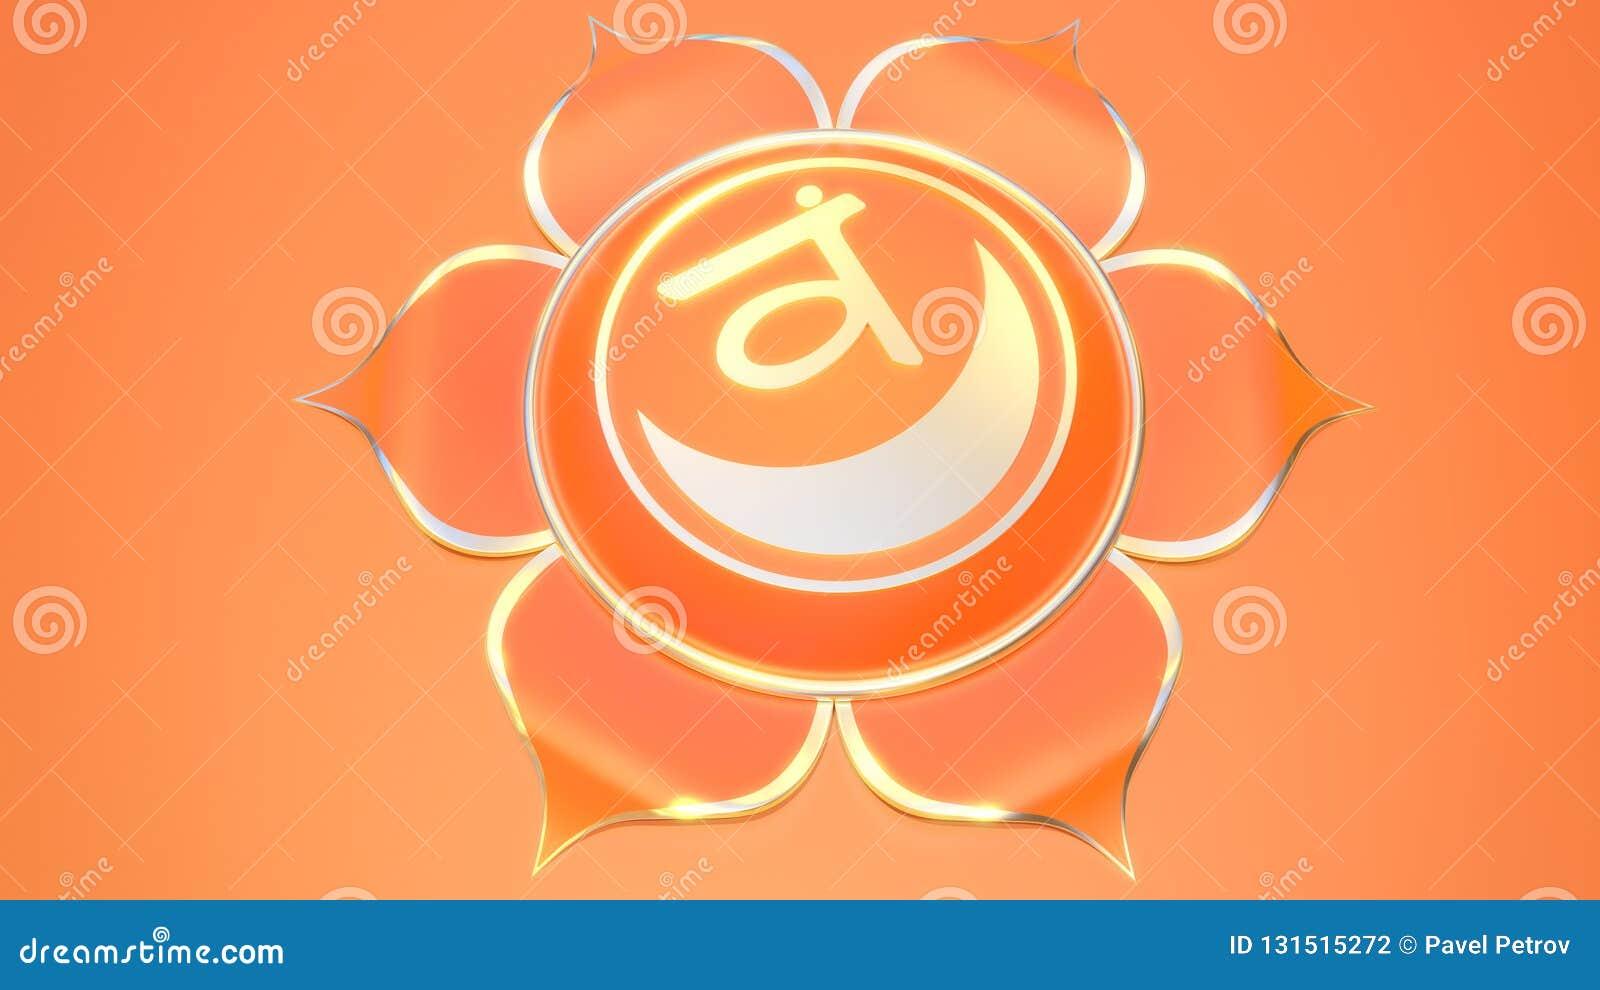 Svadhistana chakra symbol używać w hinduizmu, buddyzm, Ayurveda 3d ilustracji muladhara Równowaga i energia